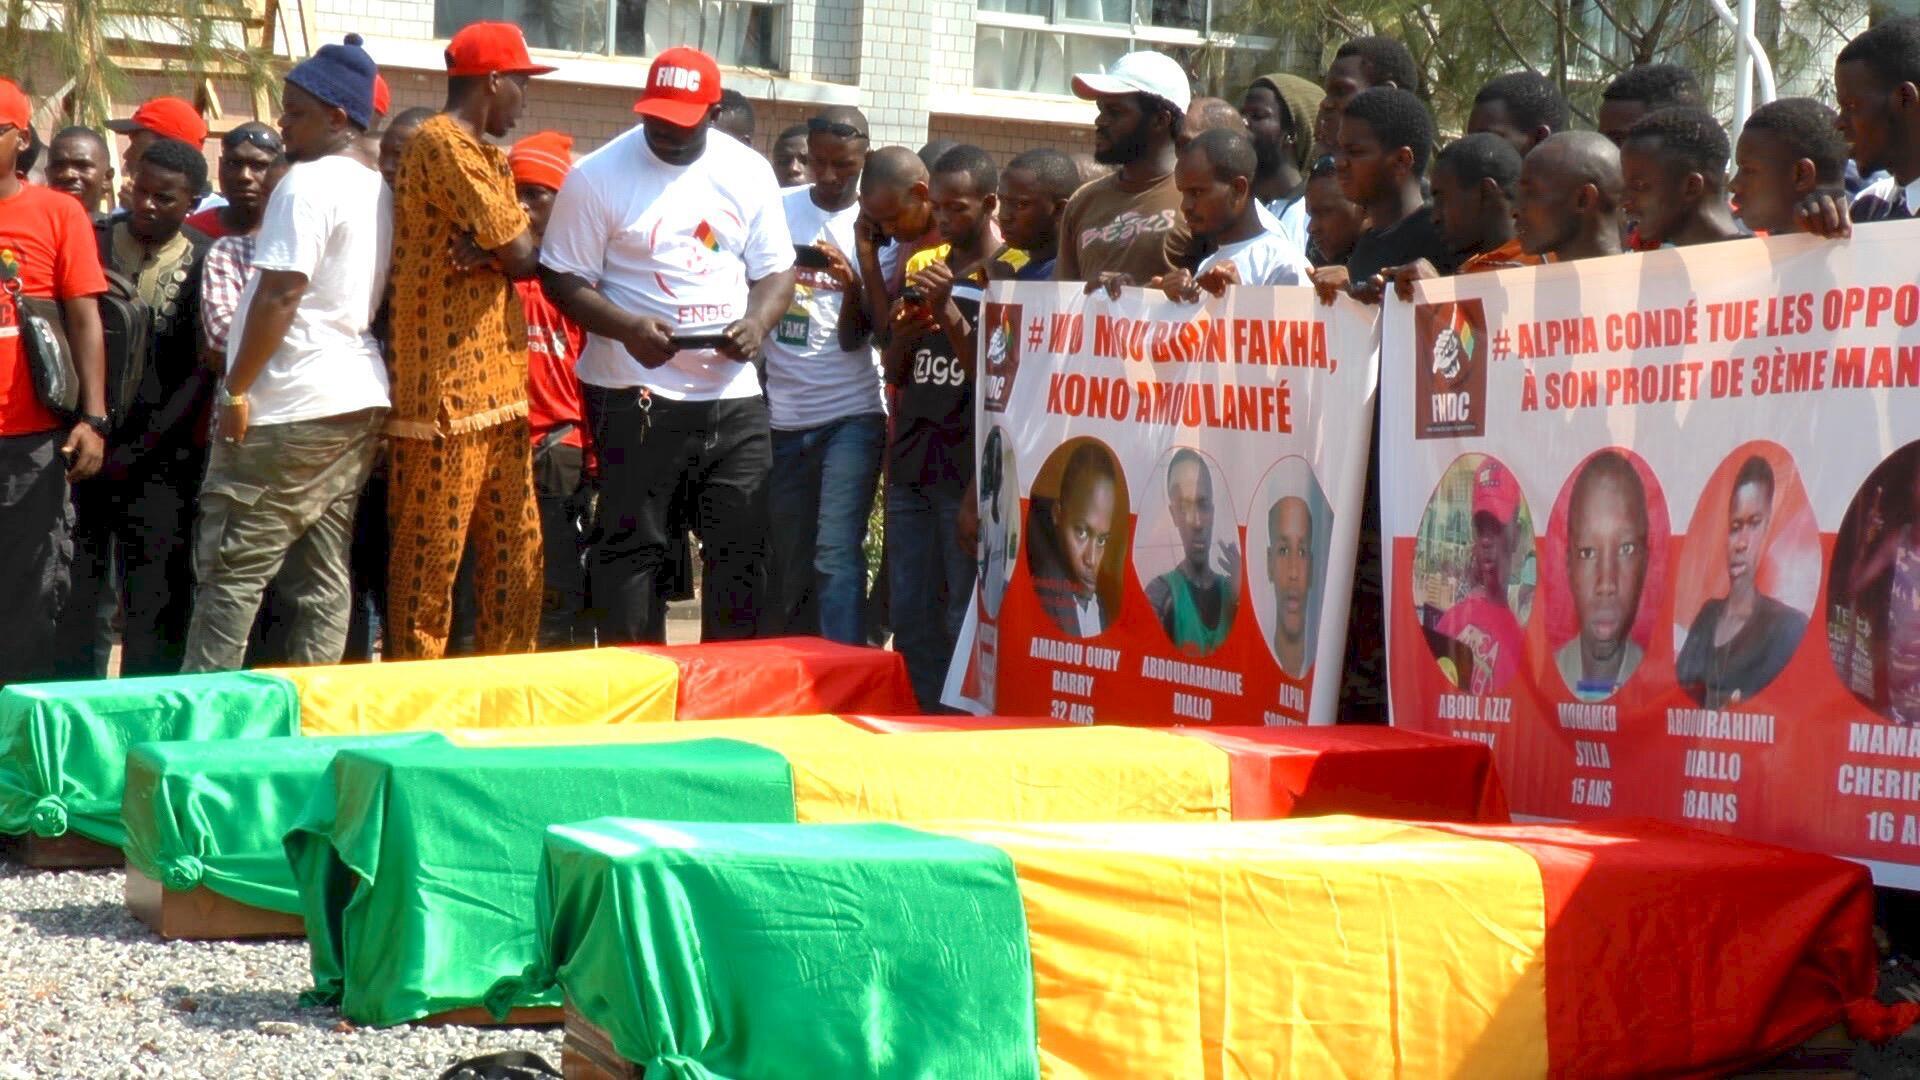 L'opposition pleurait ses morts qu'ils ont transportés dans des cercueils recouvert de linceul rouge, jaune et vert de la morgue jusqu'à la mosquée.